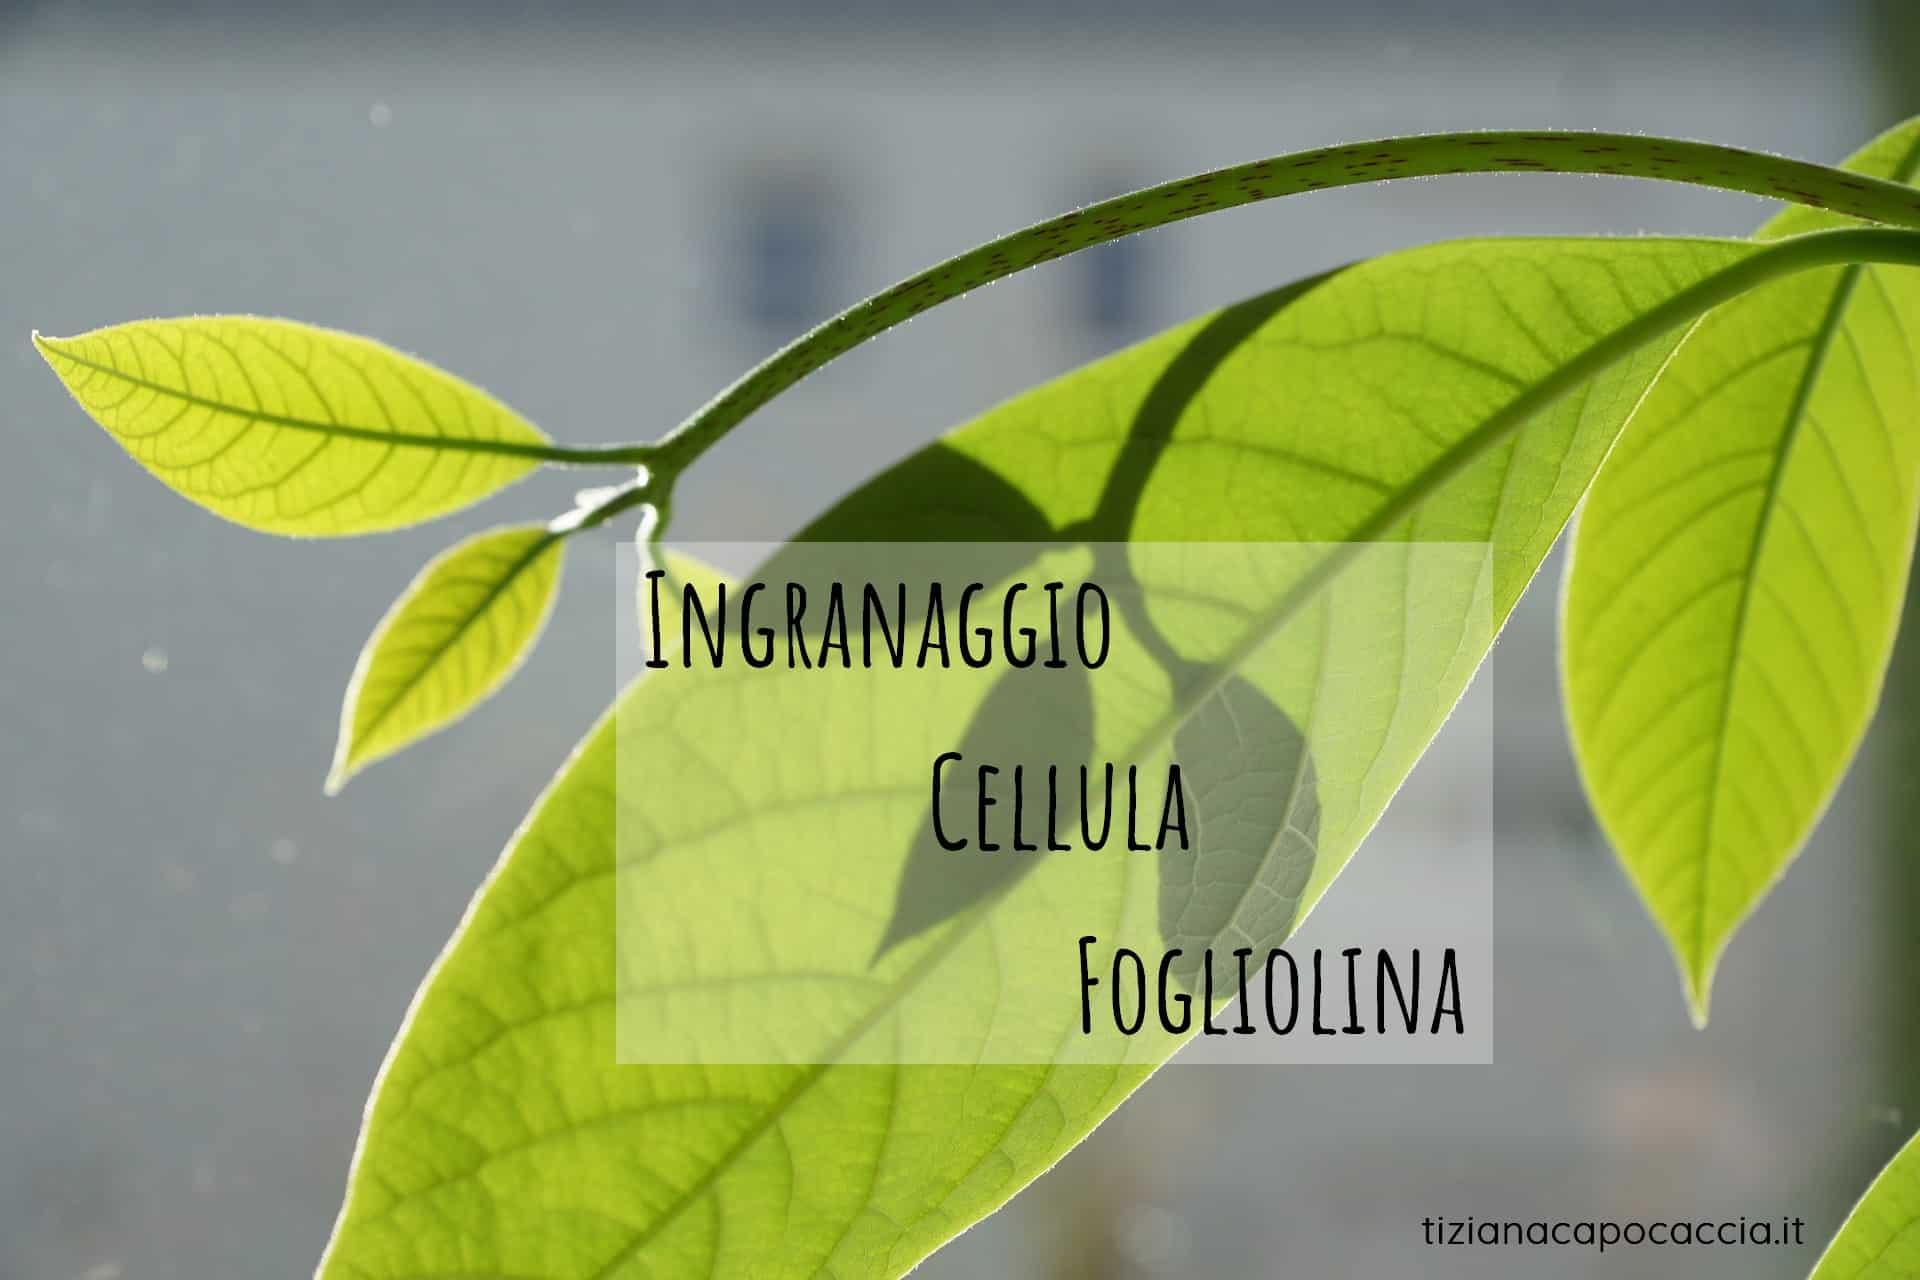 Ingranaggio Cellula Fogliolina